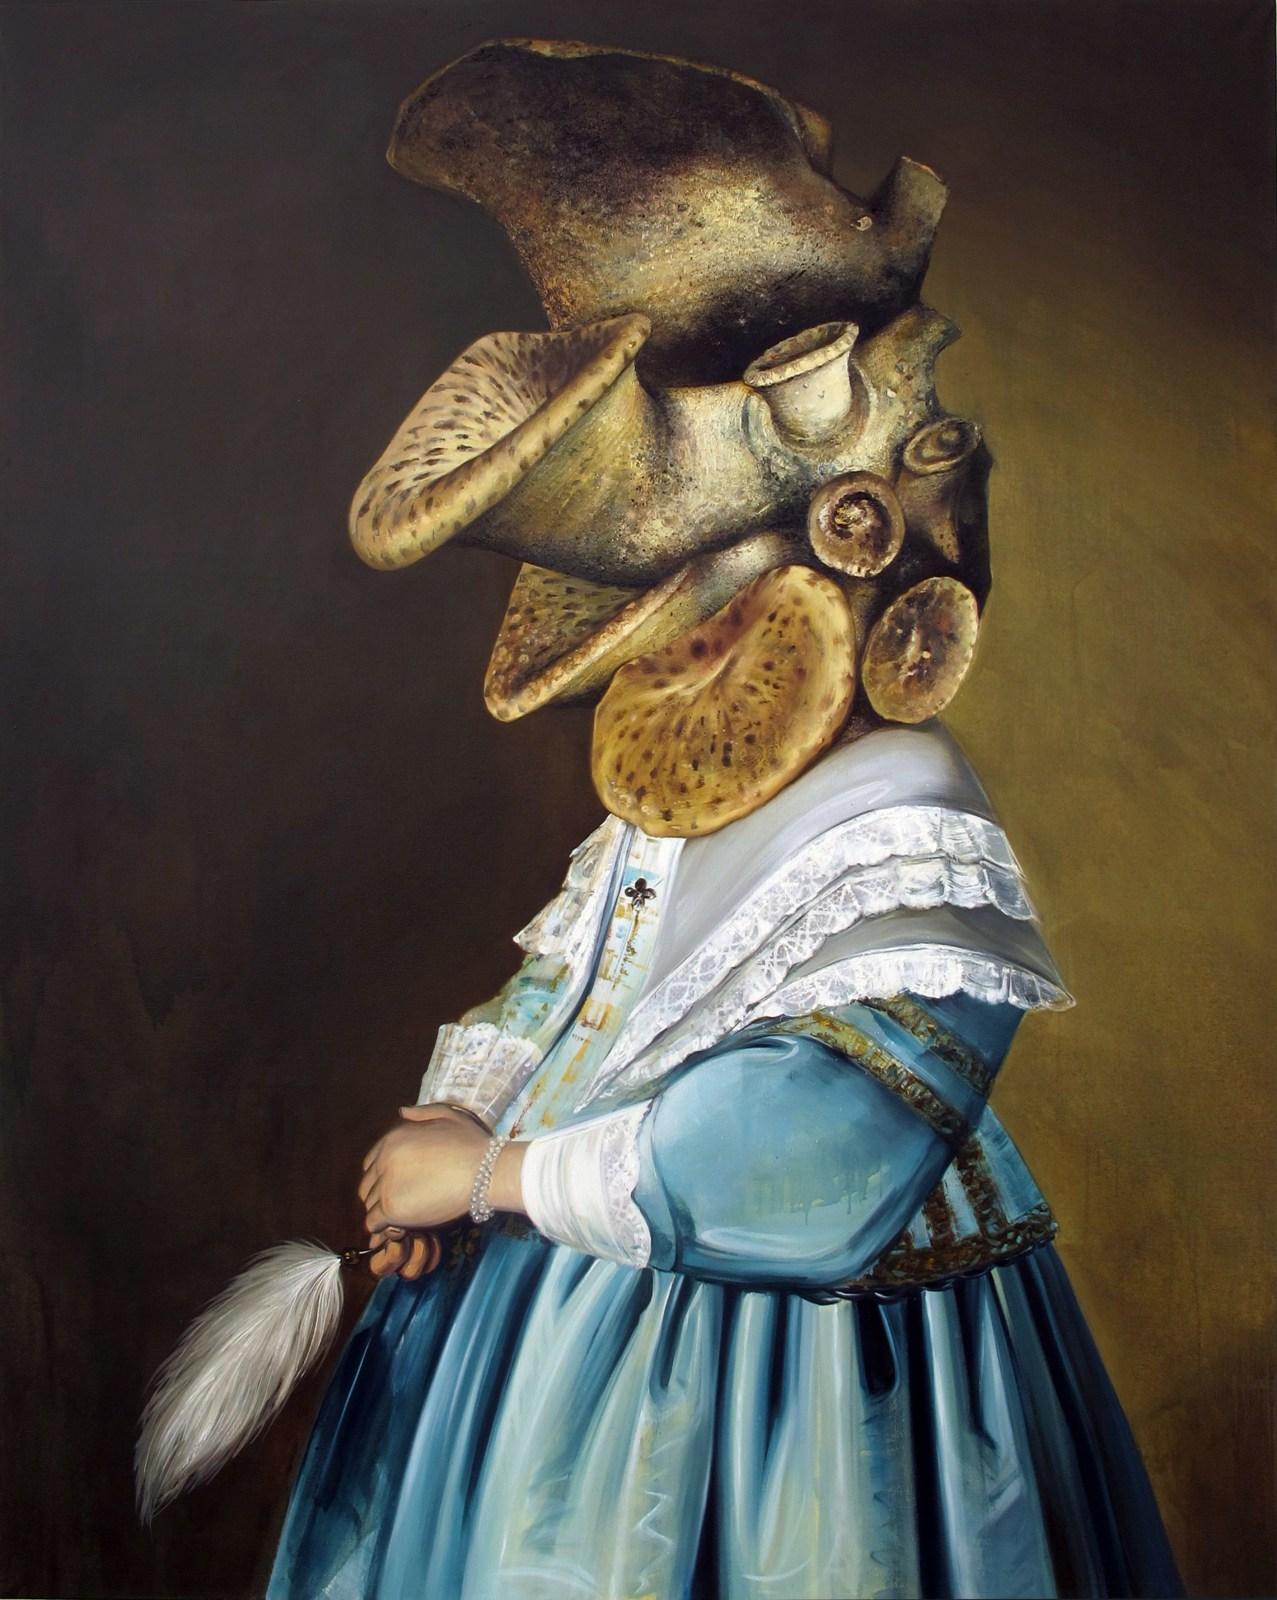 Ewa Juszkiewicz, Girl in Blue, 2013, fot. dzięki uprzejmości lokalu 30 i artystki